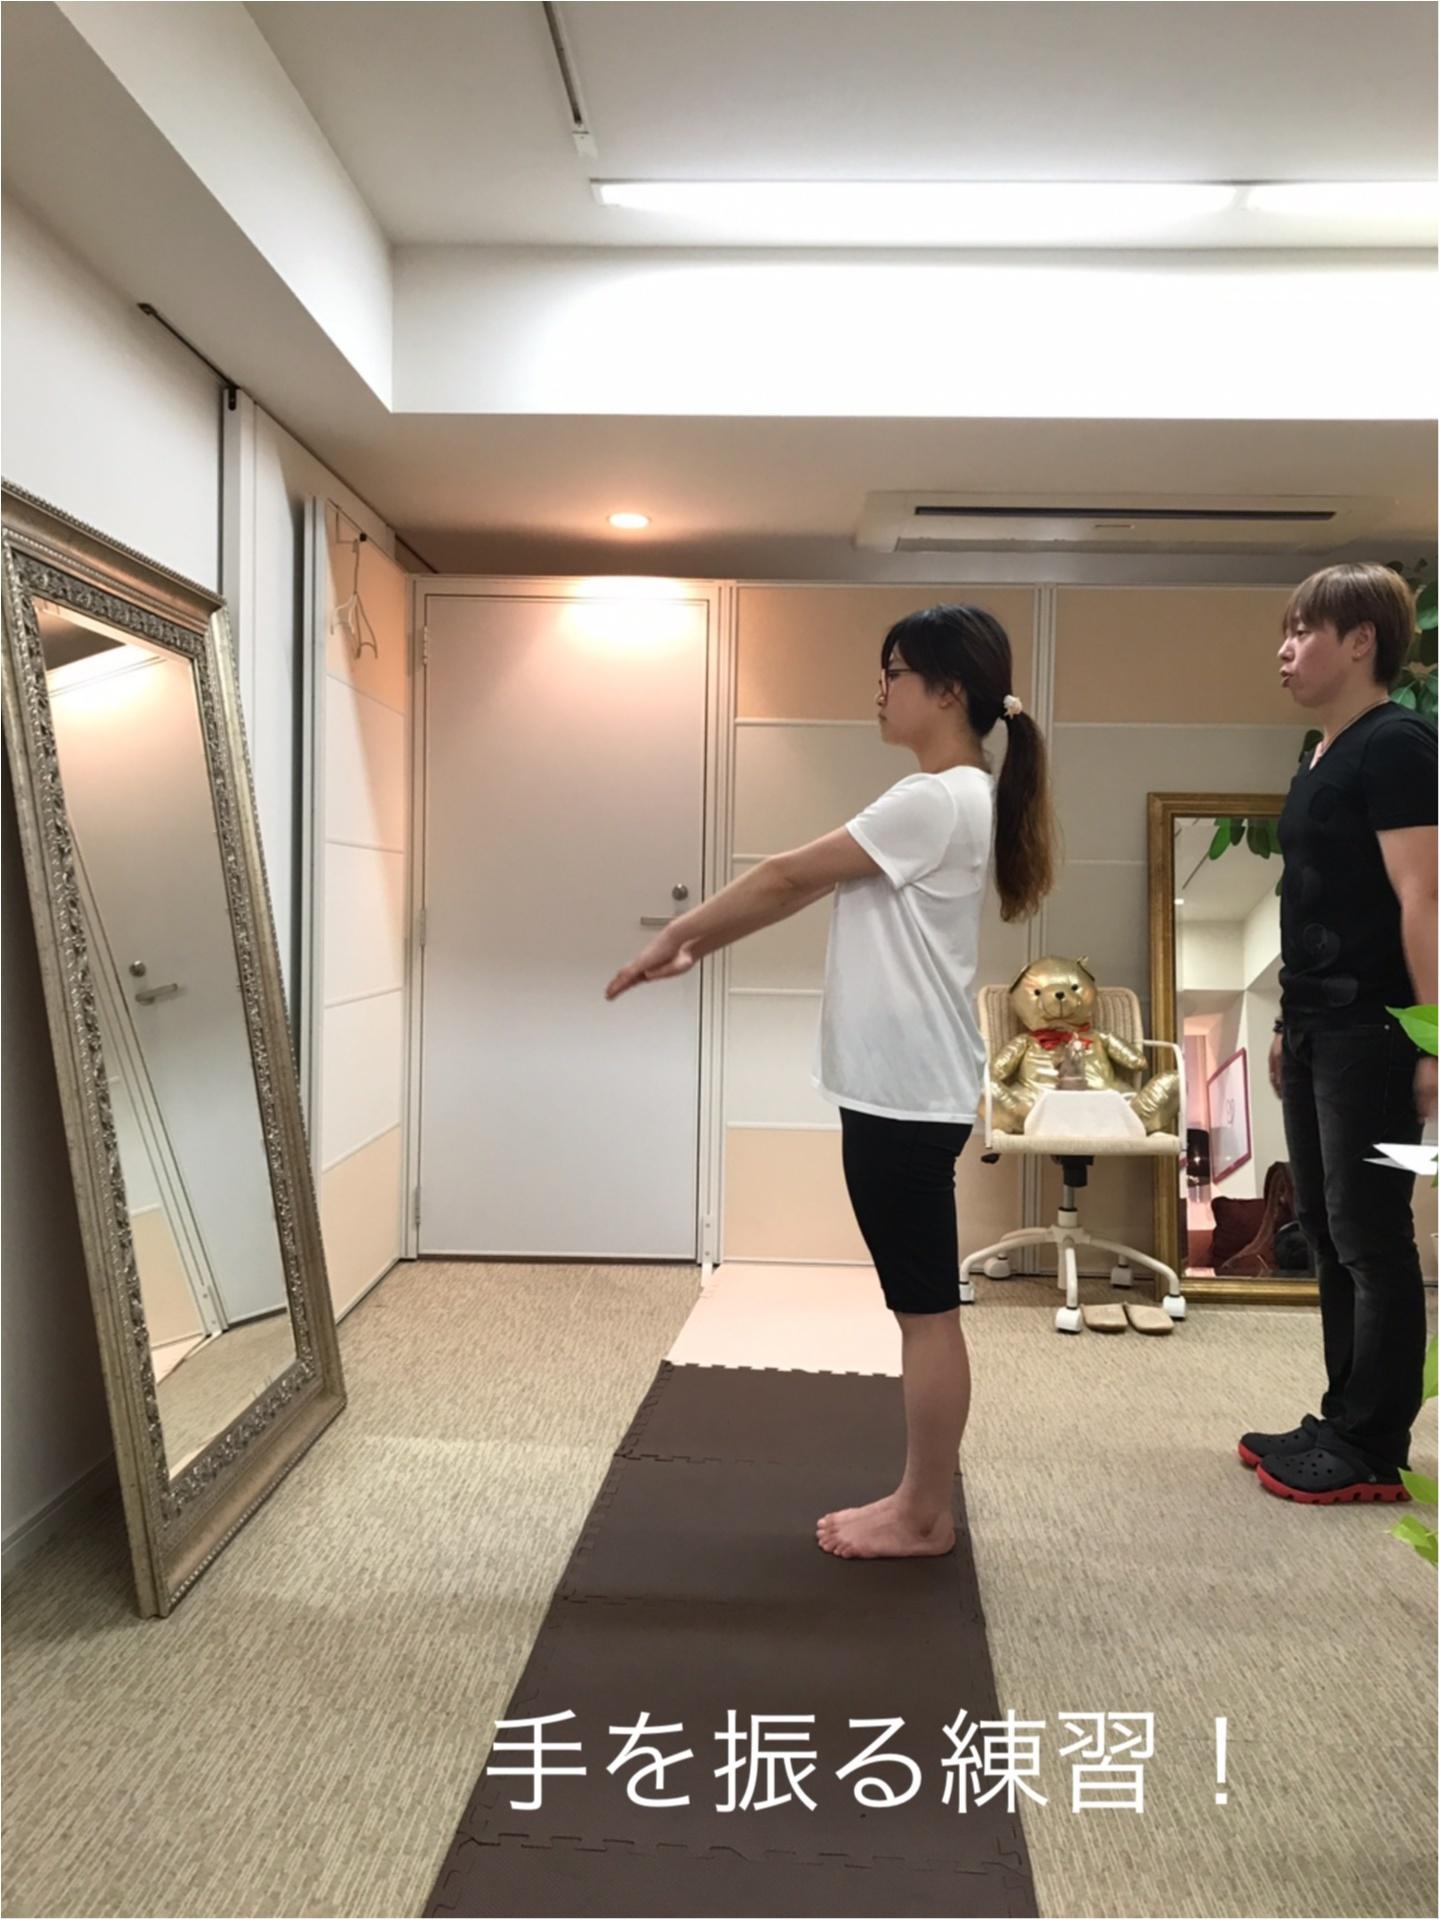 小倉義人先生のサロンで美ボディになるための「正しい歩き方」レッスン♡  【#モアチャレ 7キロ痩せ】_2_1